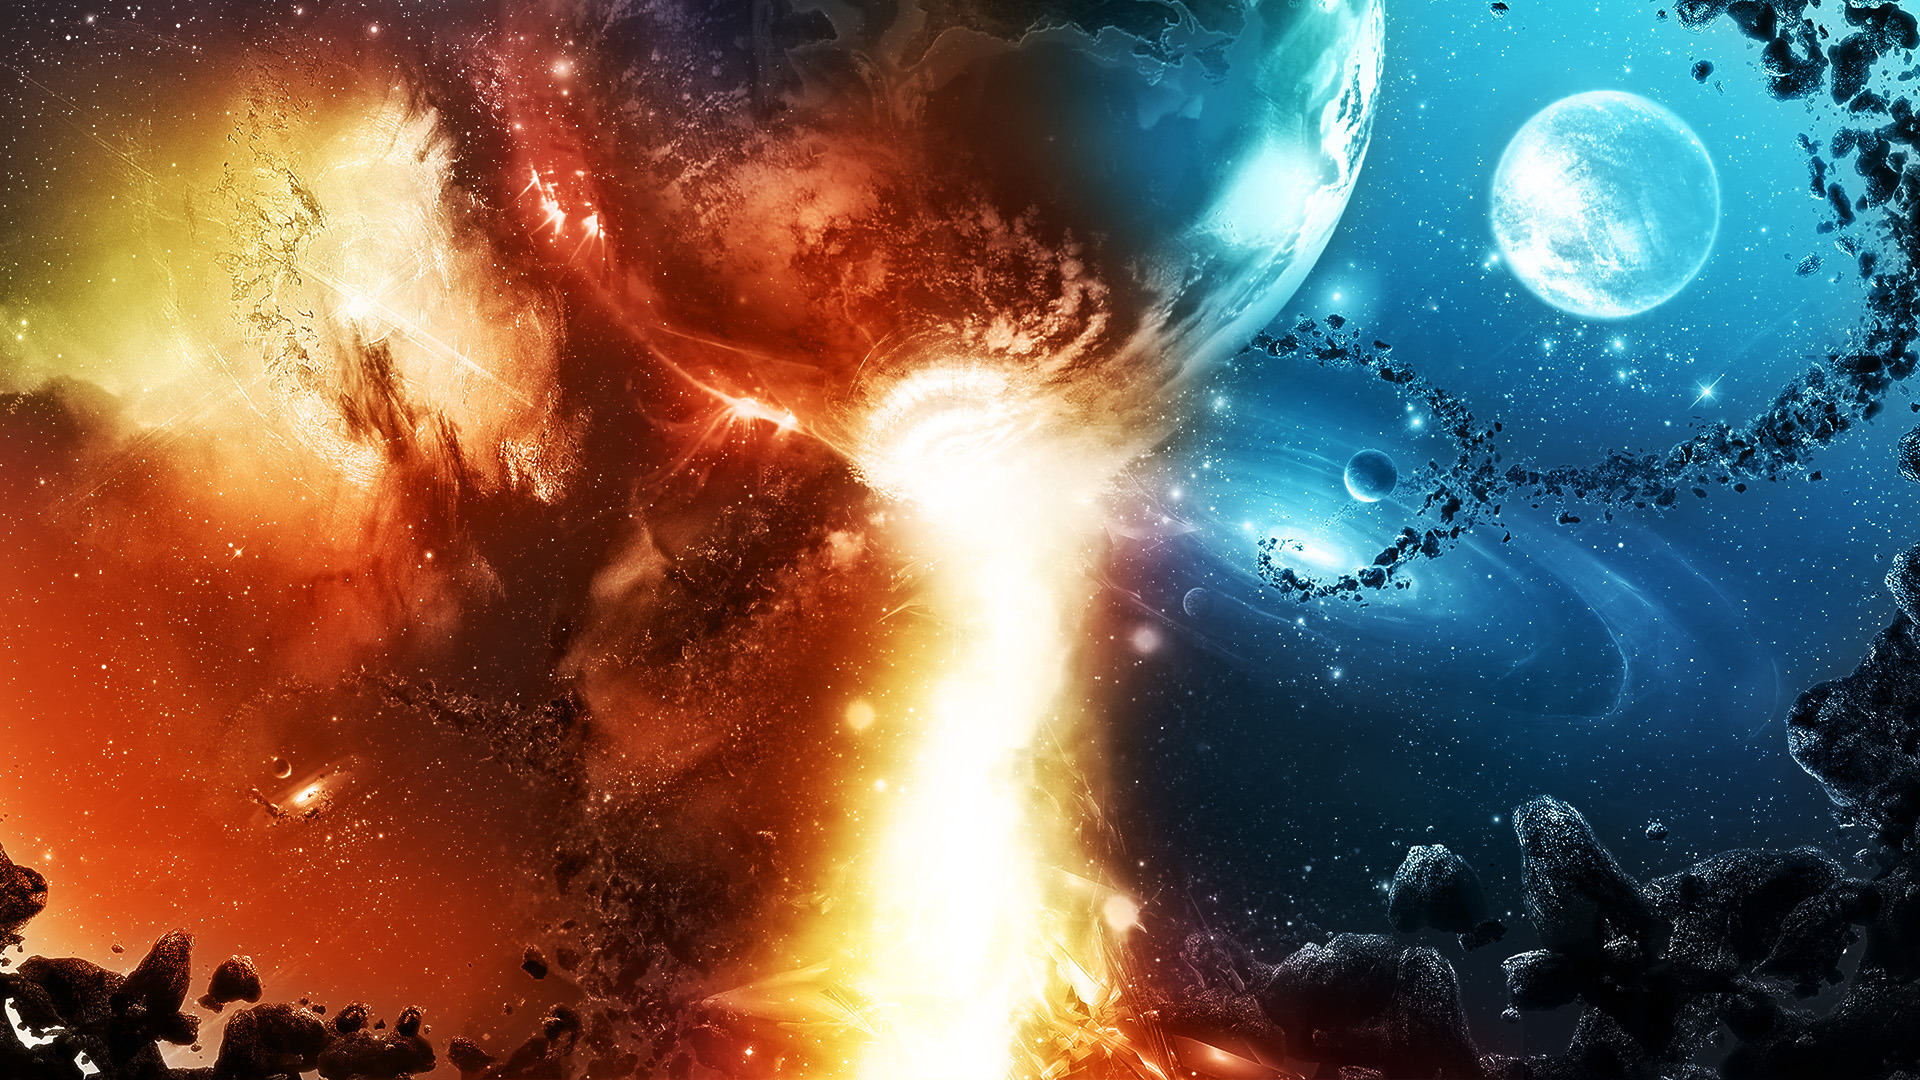 Обои Взрыв квазар звезда картинки на рабочий стол на тему Космос — скачать в хорошем качестве